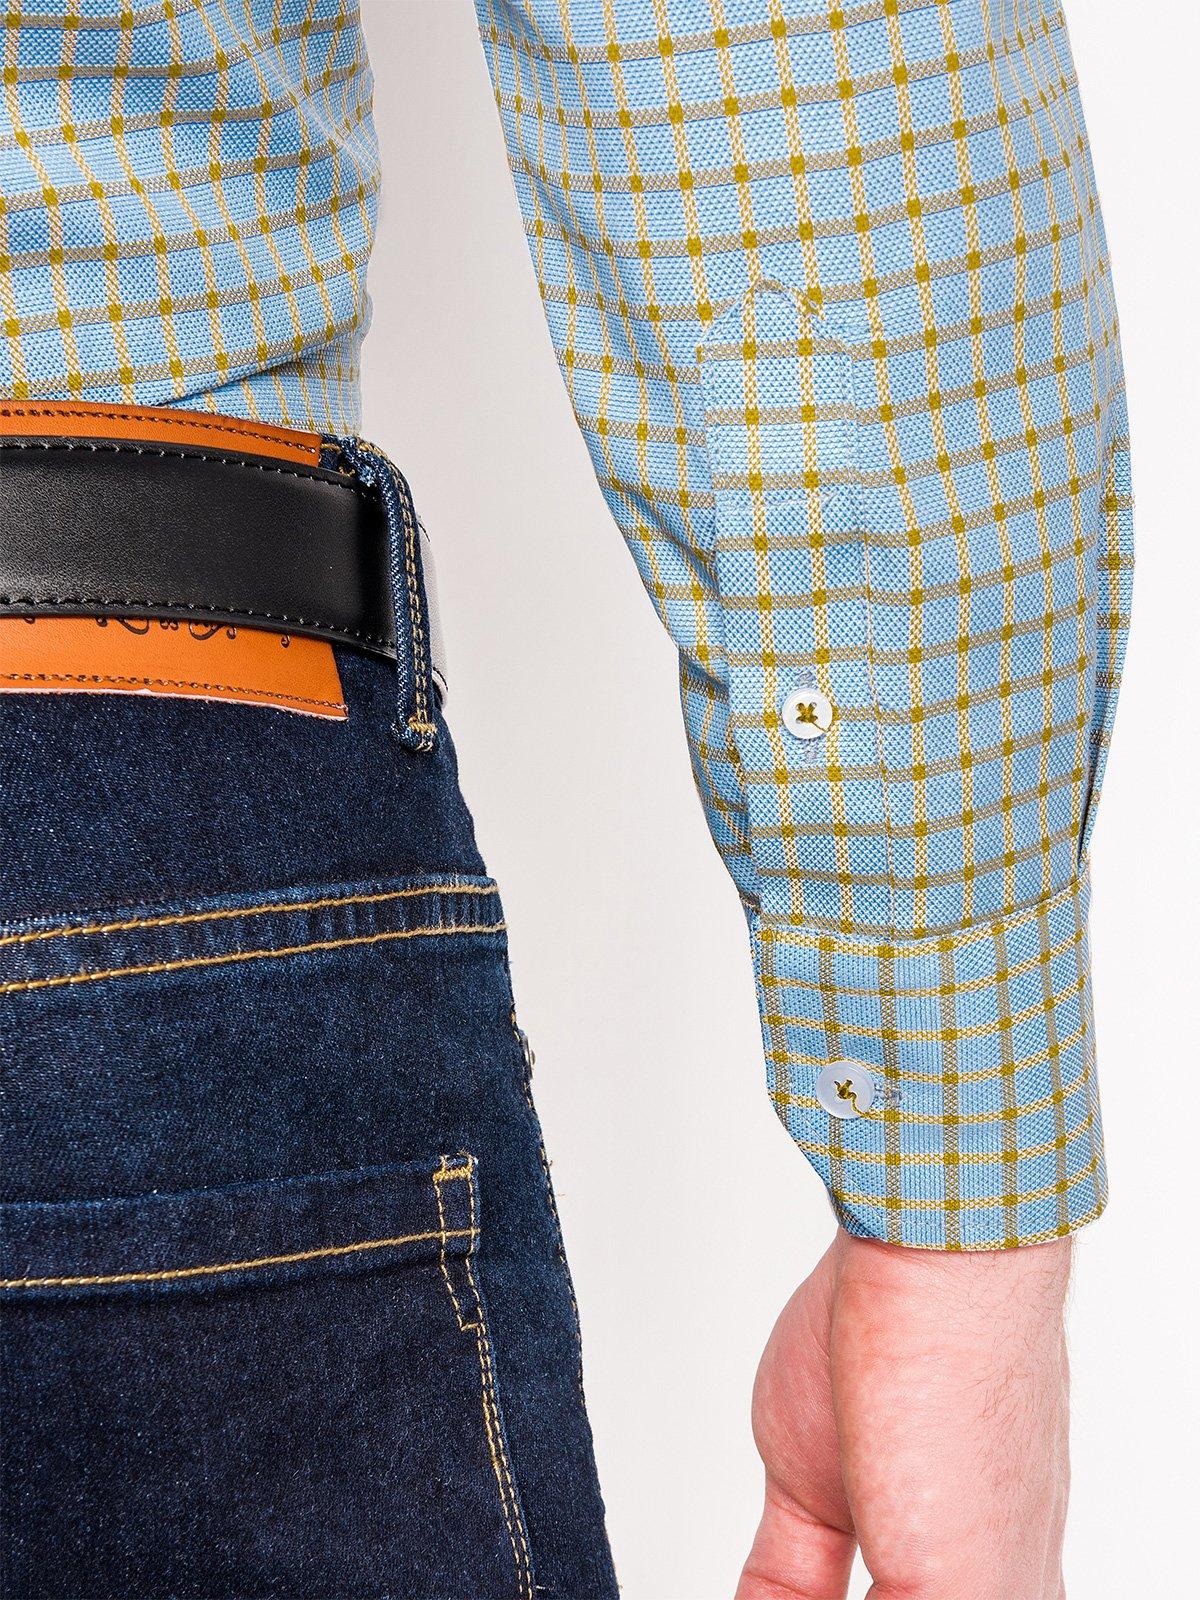 1264ad3e95740bc ... Мужская рубашка в клеточку с длинным рукавом K439 - голубая/жёлтая ...